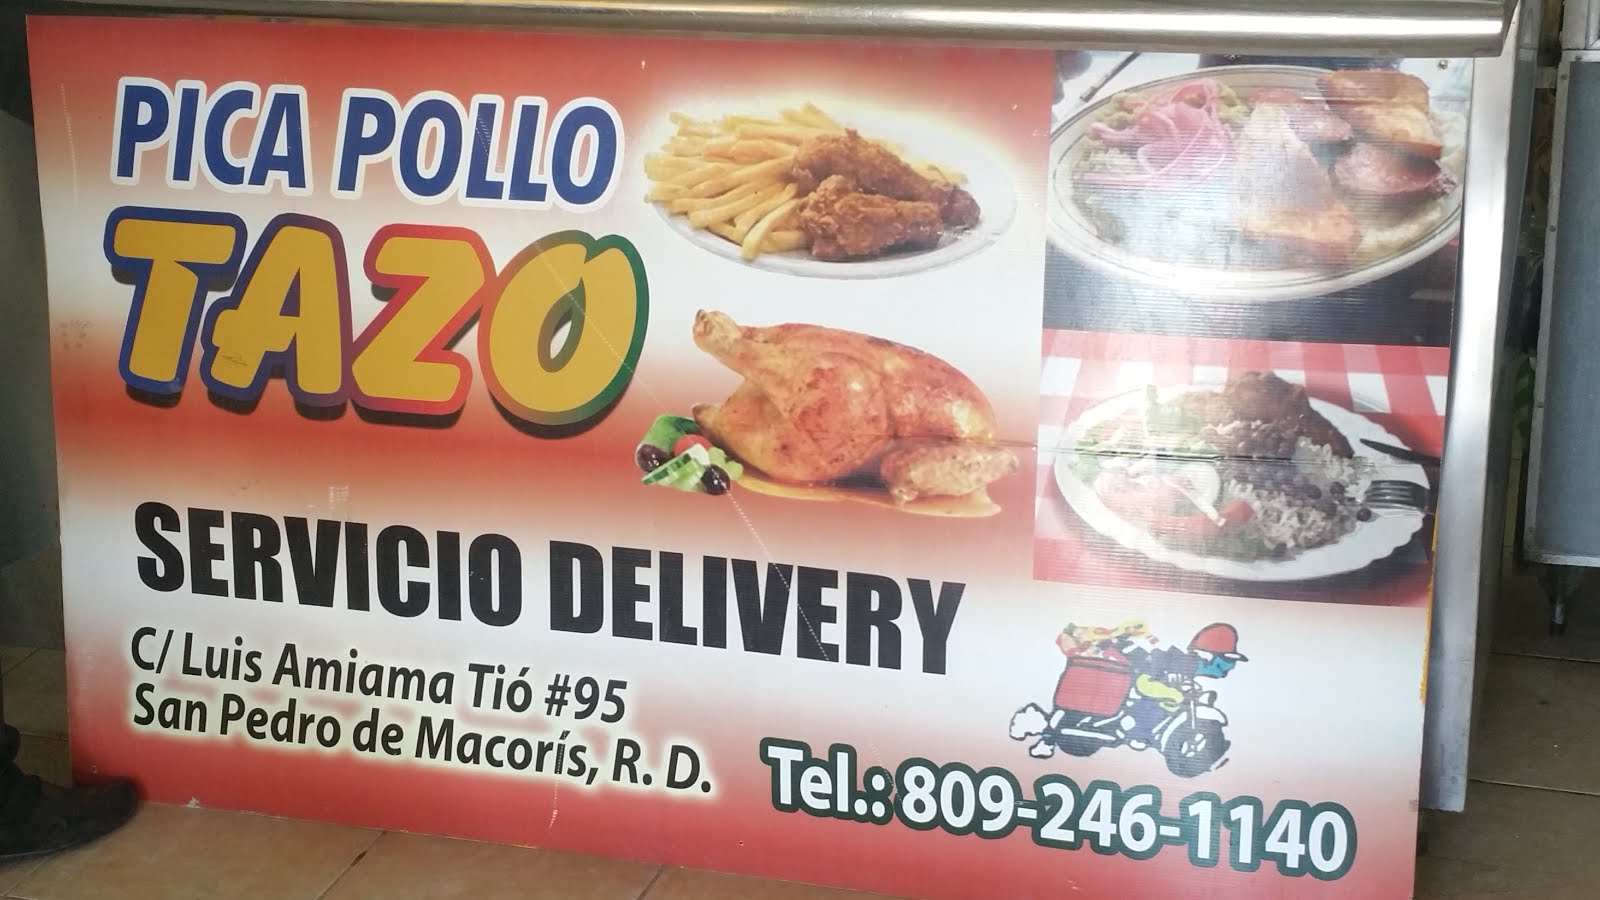 Pica Pollo Y Comedor Tazo. llamar. al 809-246--1140